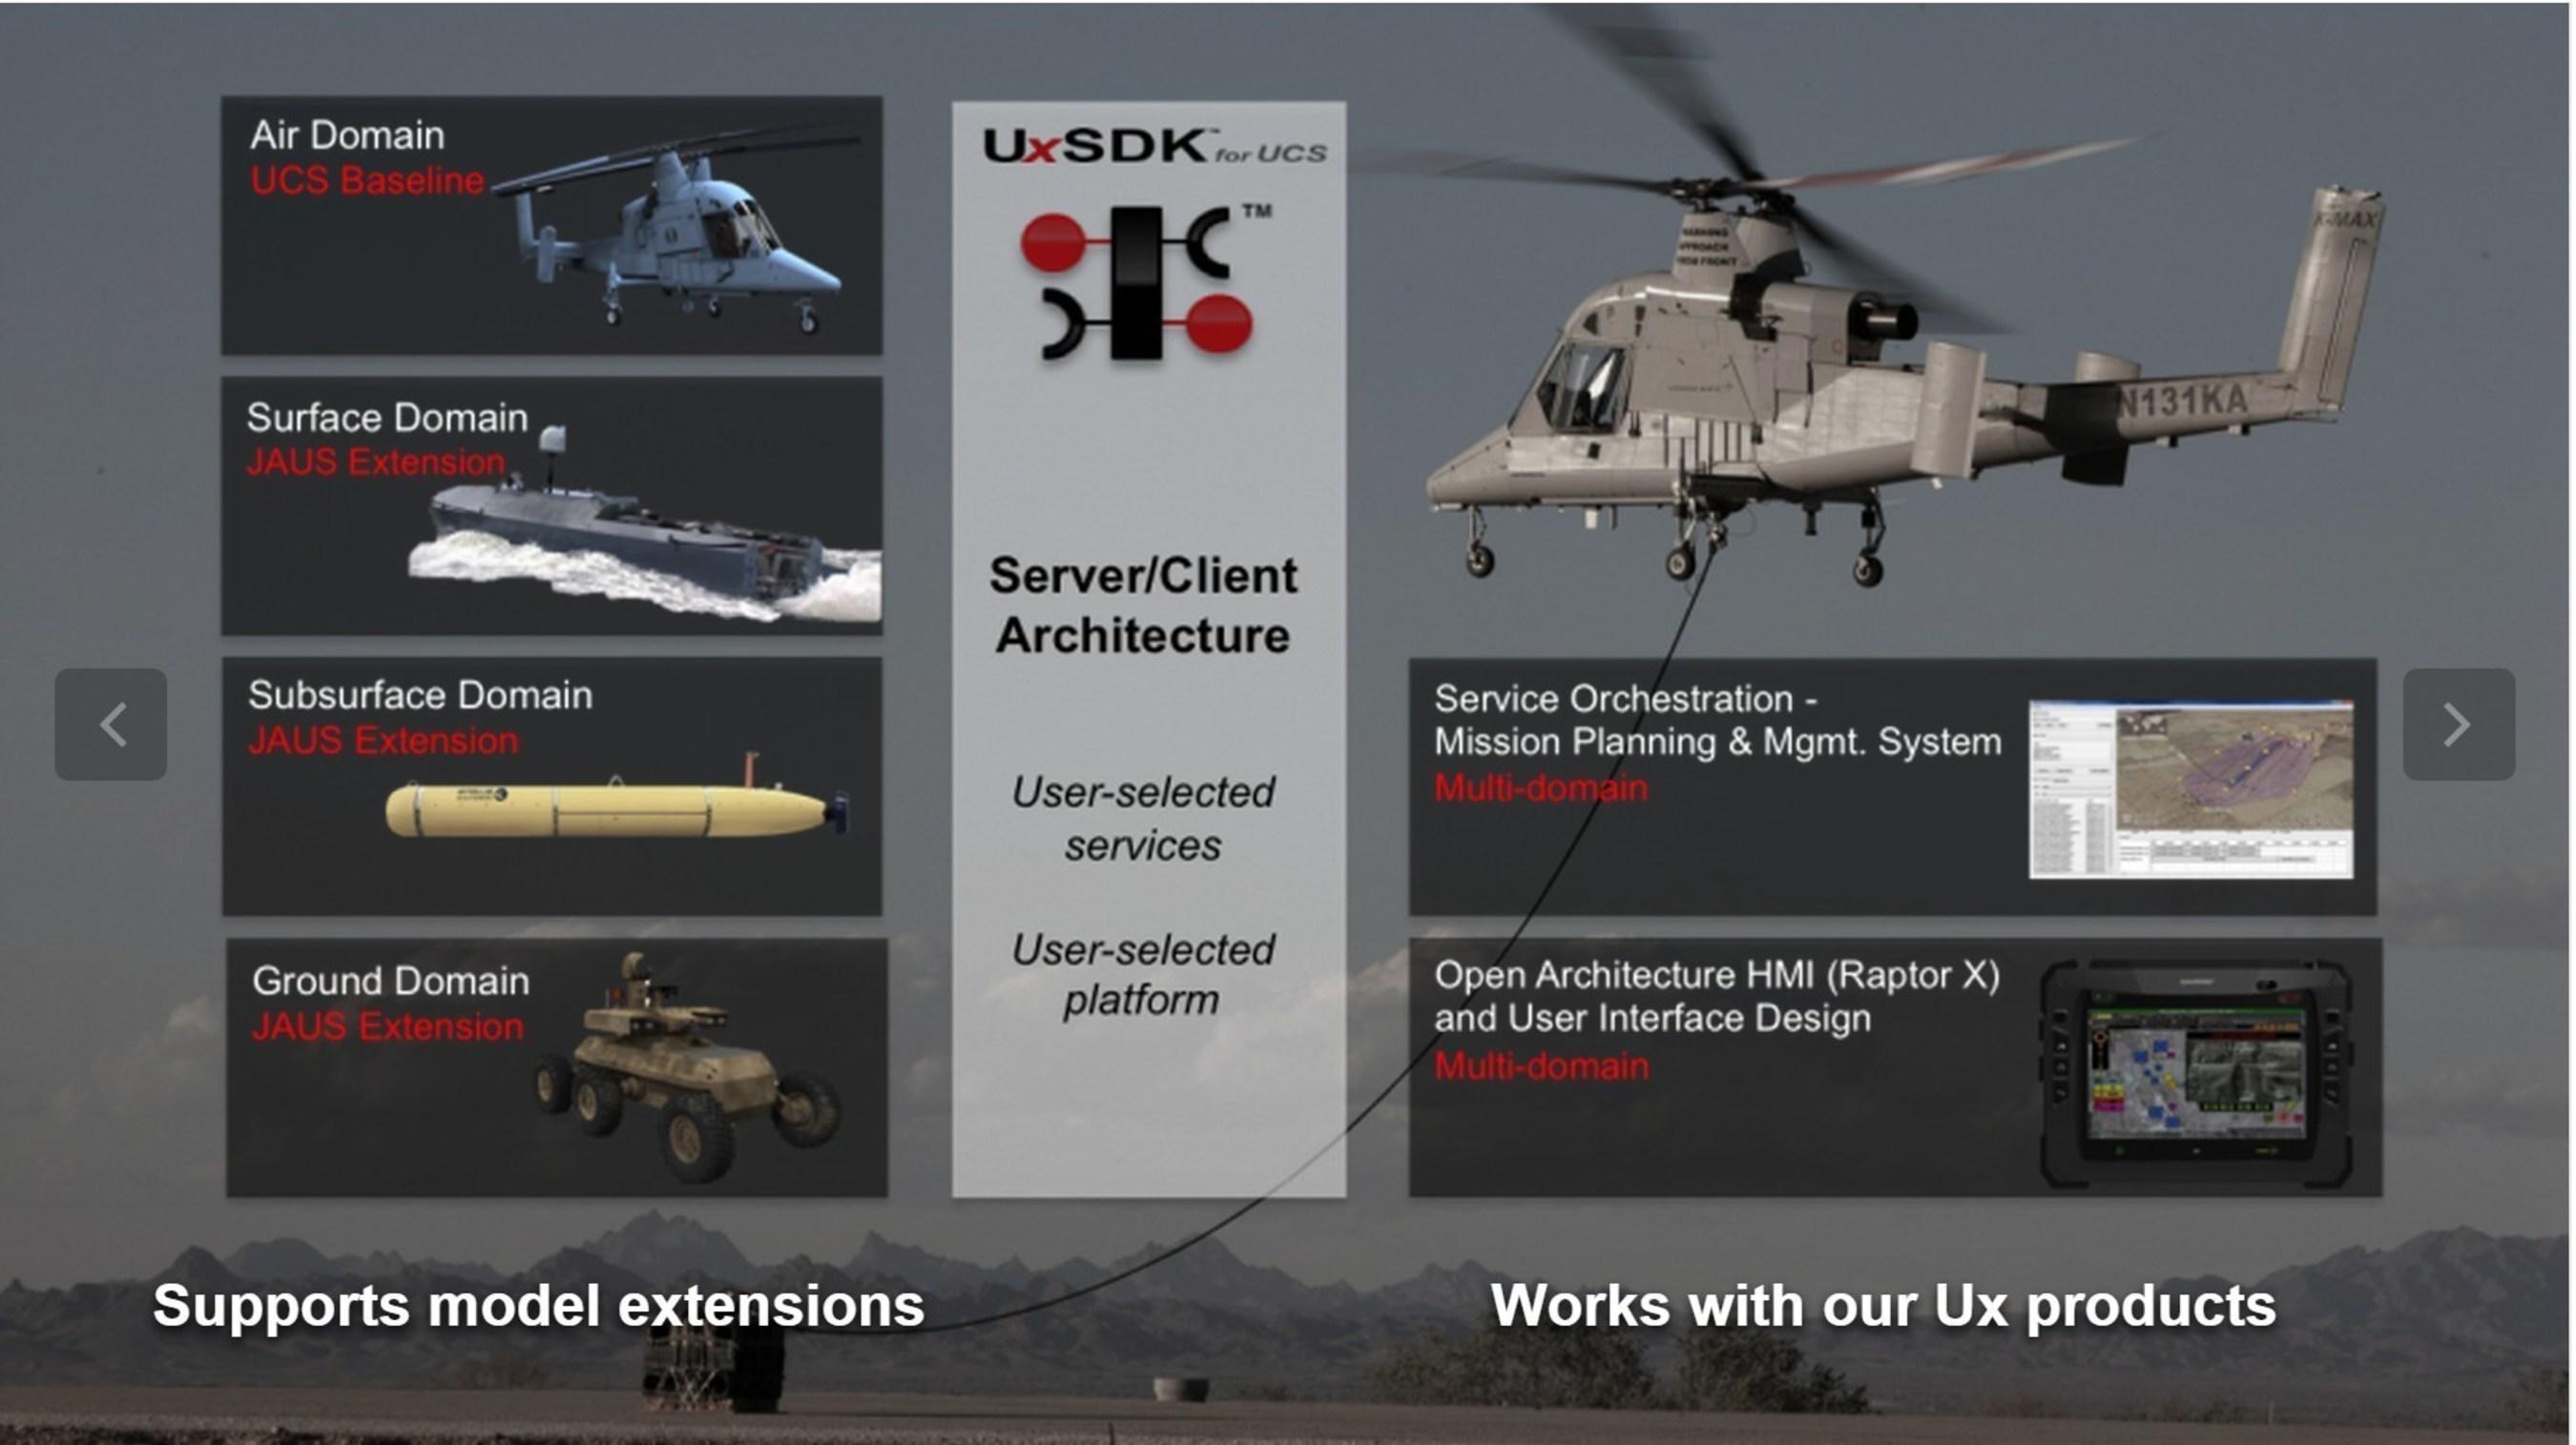 UxSDK for UCS